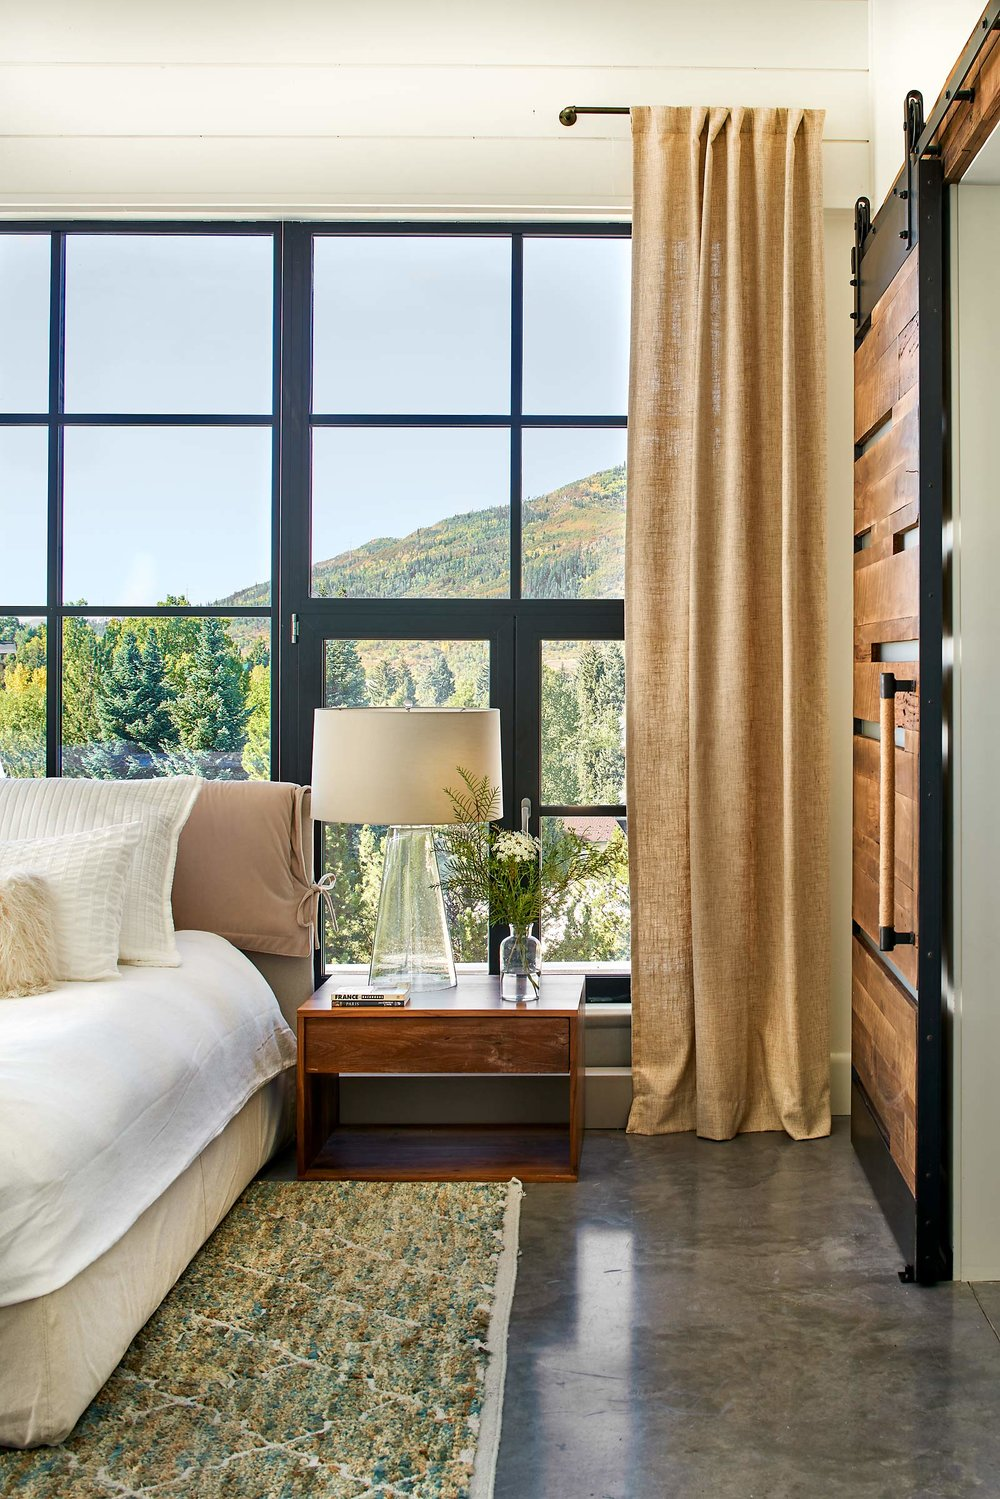 Vertical-Arts-93-Park-Pl-09-13-18-Master-Bedroom-Bath-Door-Detail-Web.jpg